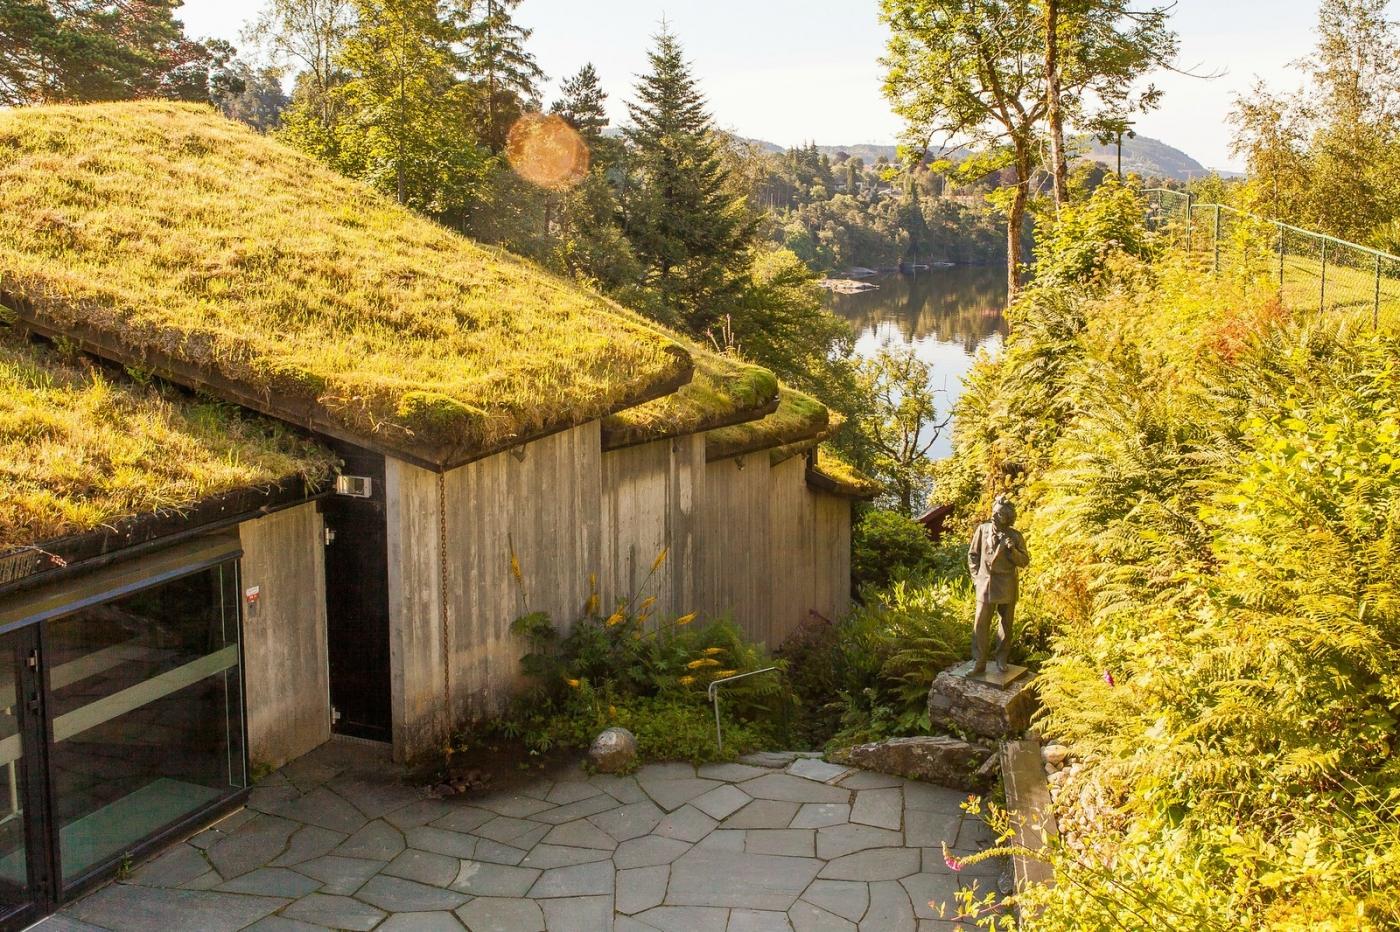 挪威作曲家爱德华-格里格,故居环境很漂亮_图1-5